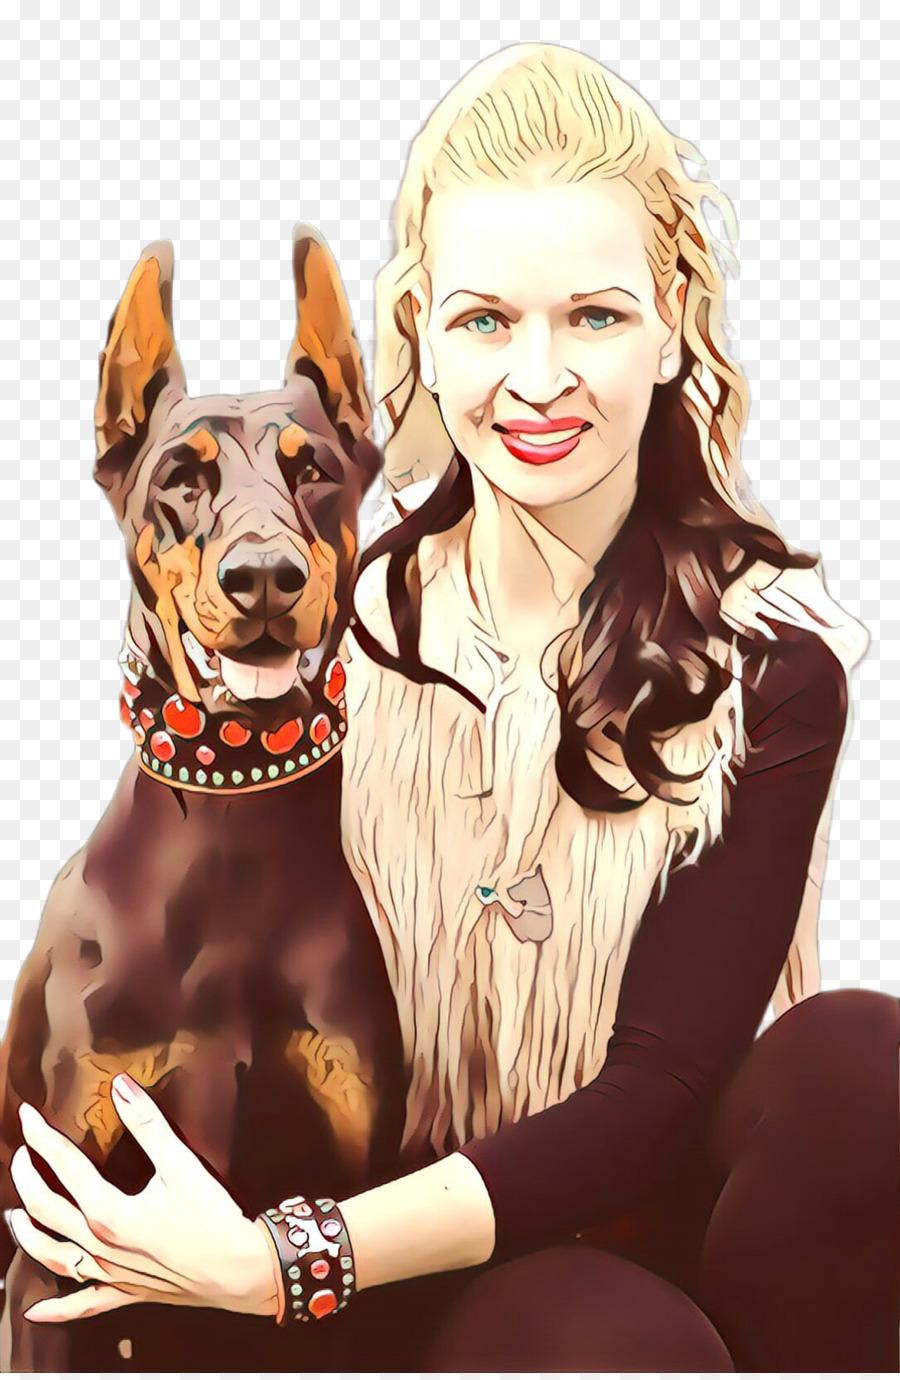 Descarga gratuita de Dobermann, Perro, Perro De Guardia Imágen de Png